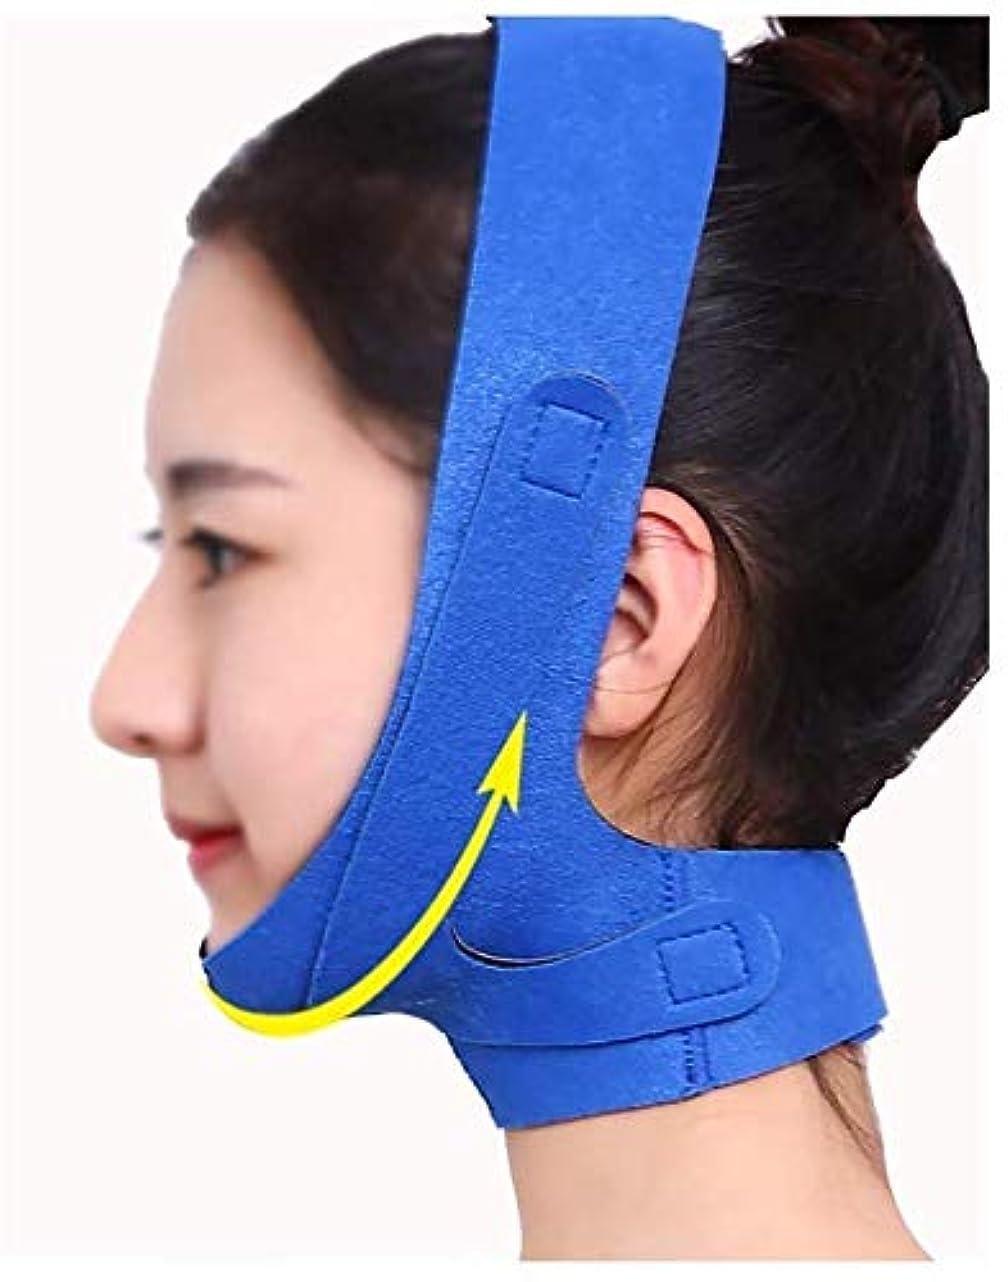 最小化する攻撃マスク美容と実用的なフェイスリフトマスク、チンストラップ回復包帯睡眠薄いフェイスバンデージ薄いフェイスマスクフェイスリフトアーティファクトフェイスリフト美容マスク包帯ブルーフェイスマスクで小さなV顔を強化するには